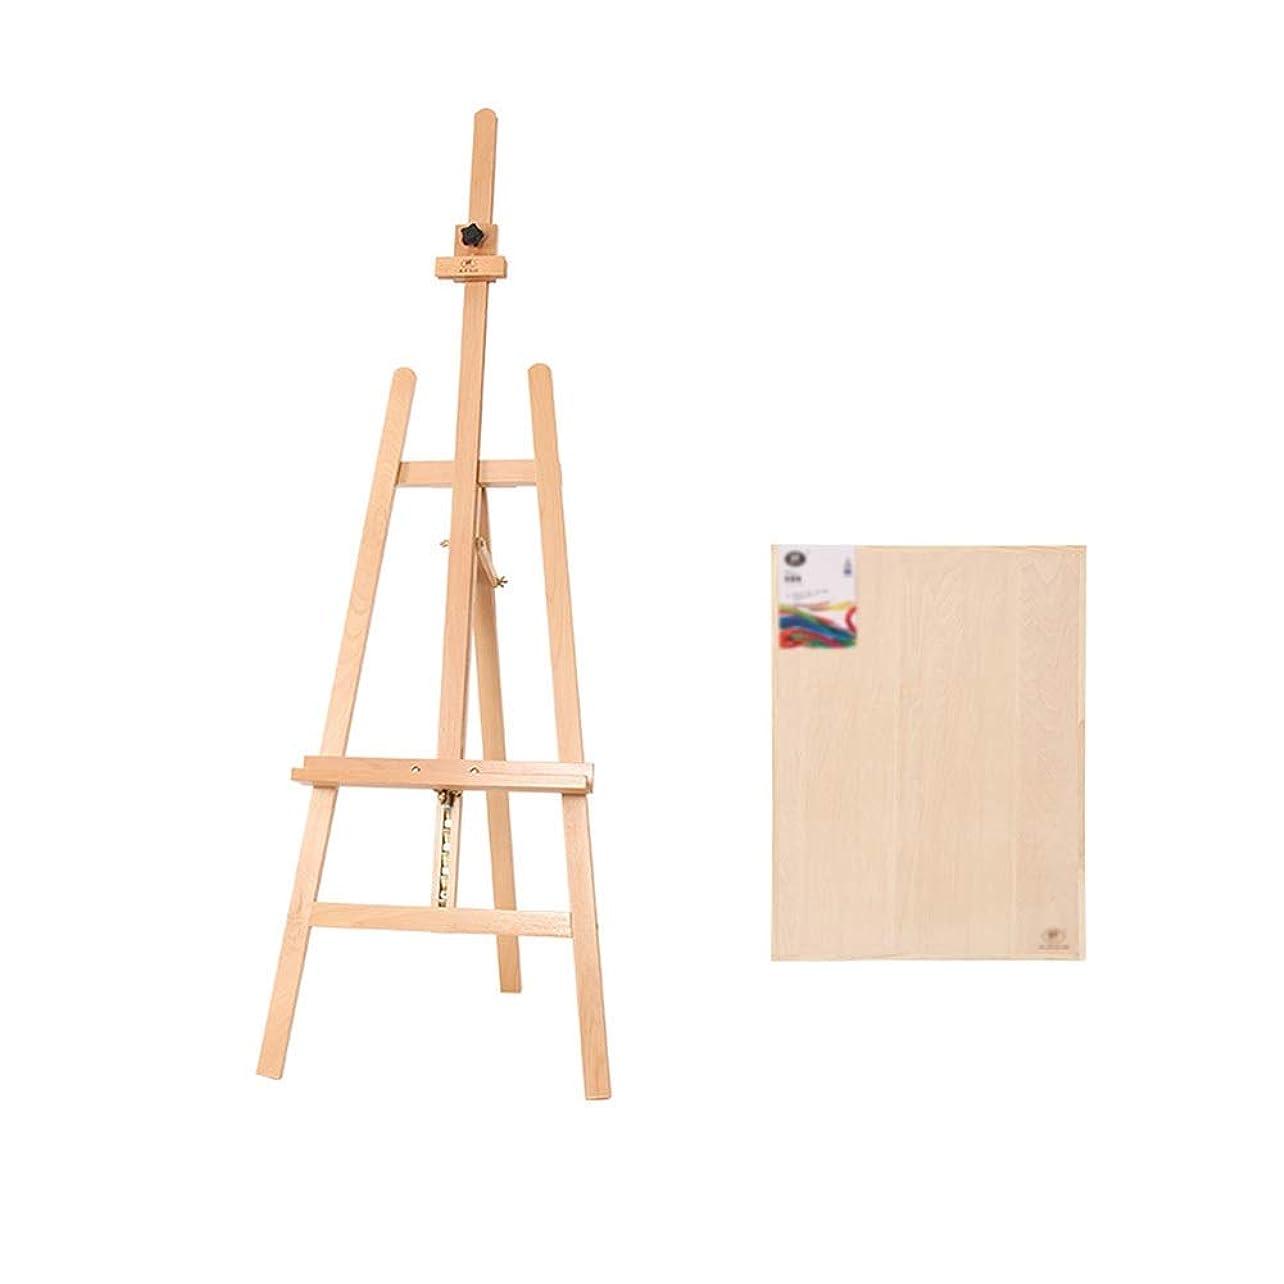 アラートアーチジュニアYY 4Kスケッチパッドが付いている木のイーゼル、絵画およびスケッチのための147-193CMの高さ調節可能な永続的な立つスタジオの床のイーゼル (色 : ログの色)